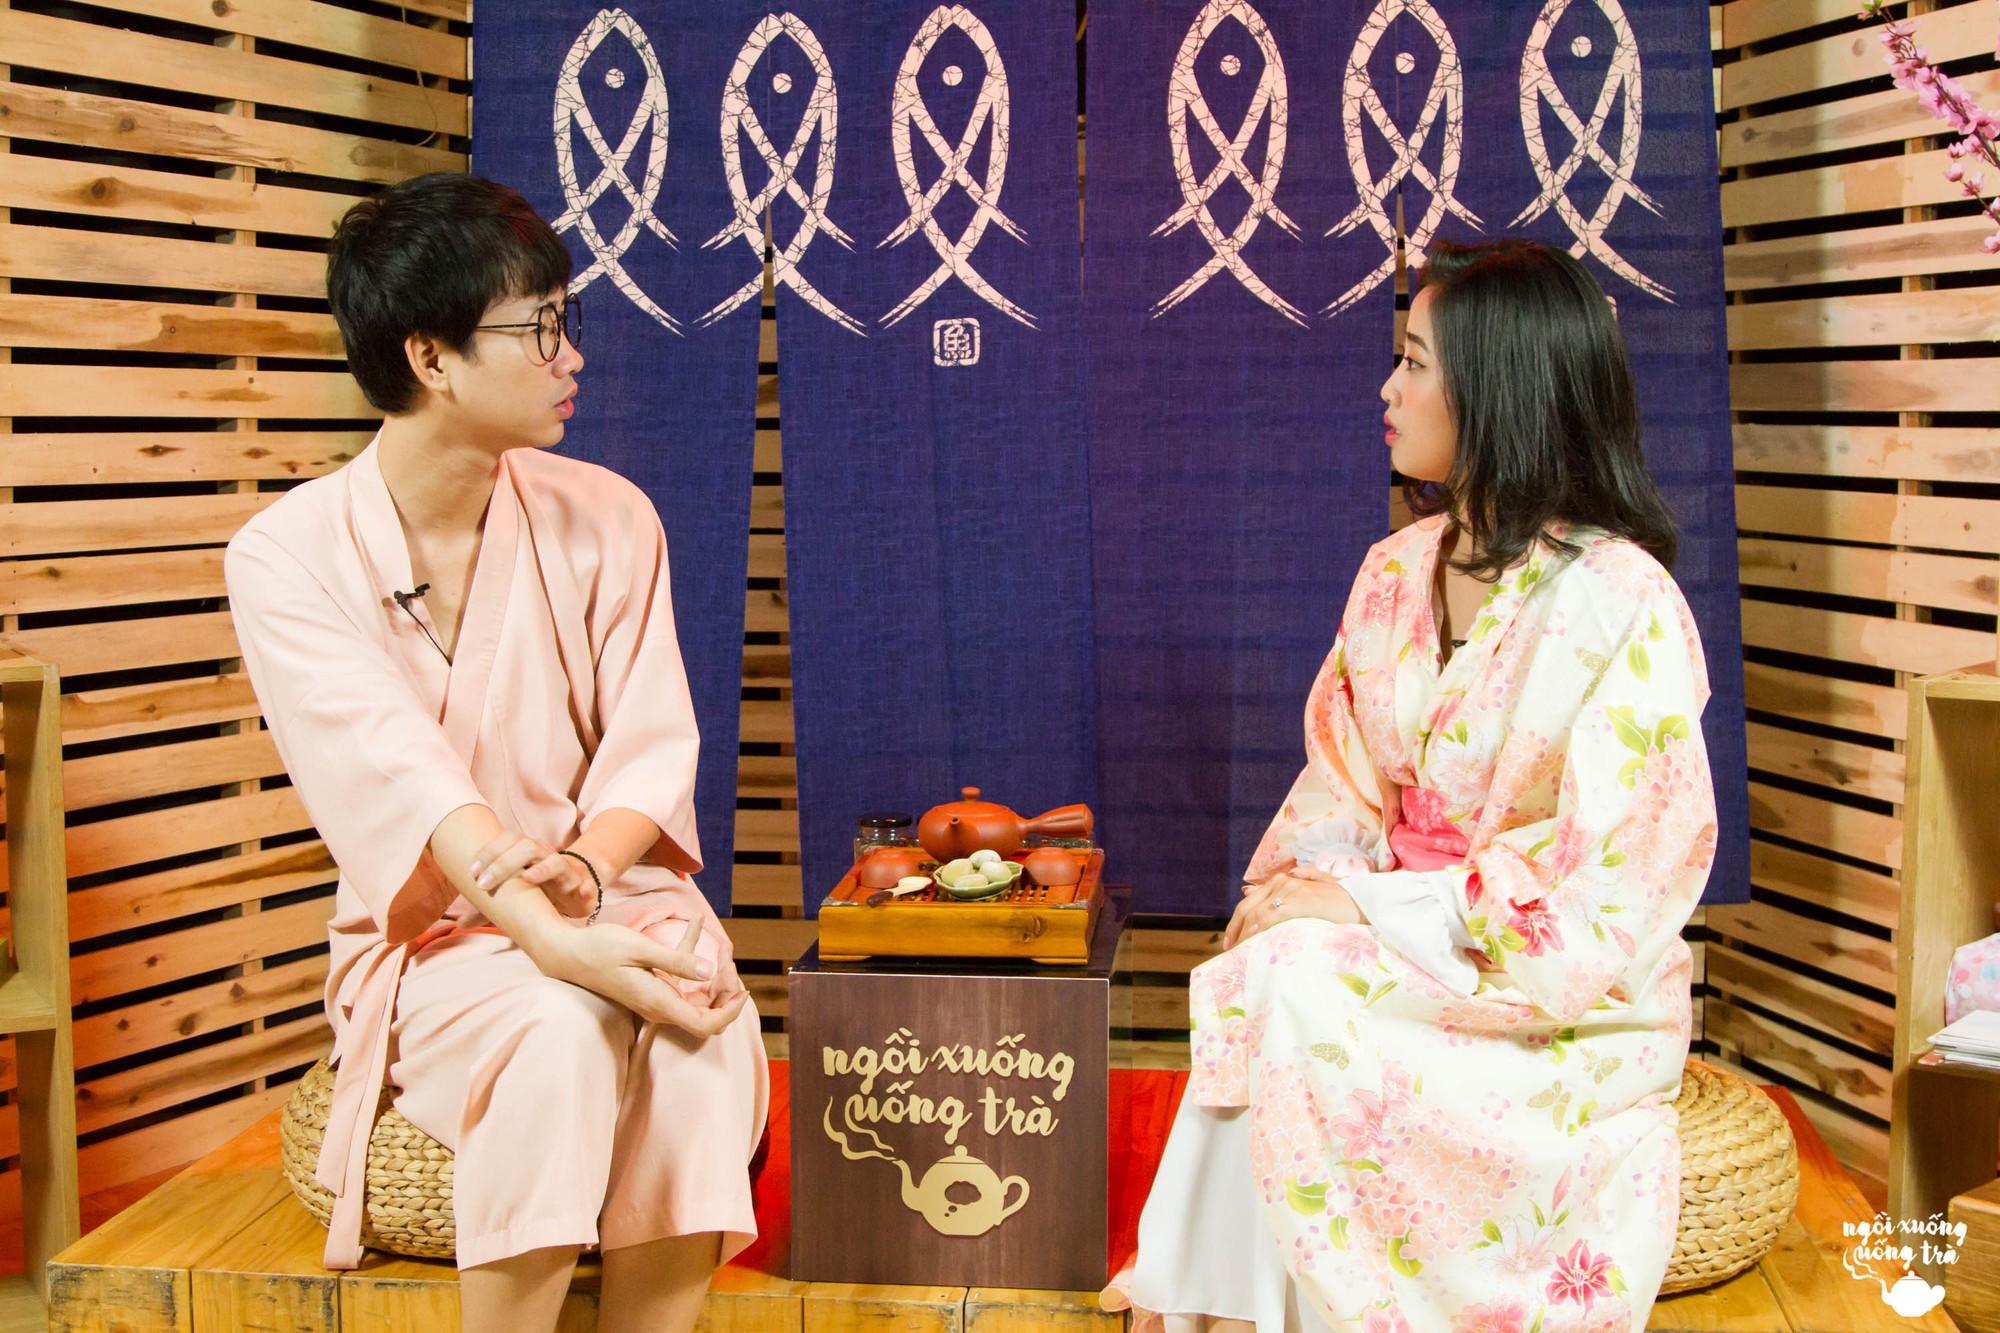 Bị Trấn Thành khuyên nên bỏ nghề diễn viên, đây là phản ứng thực sự của Hải Triều - Ảnh 1.